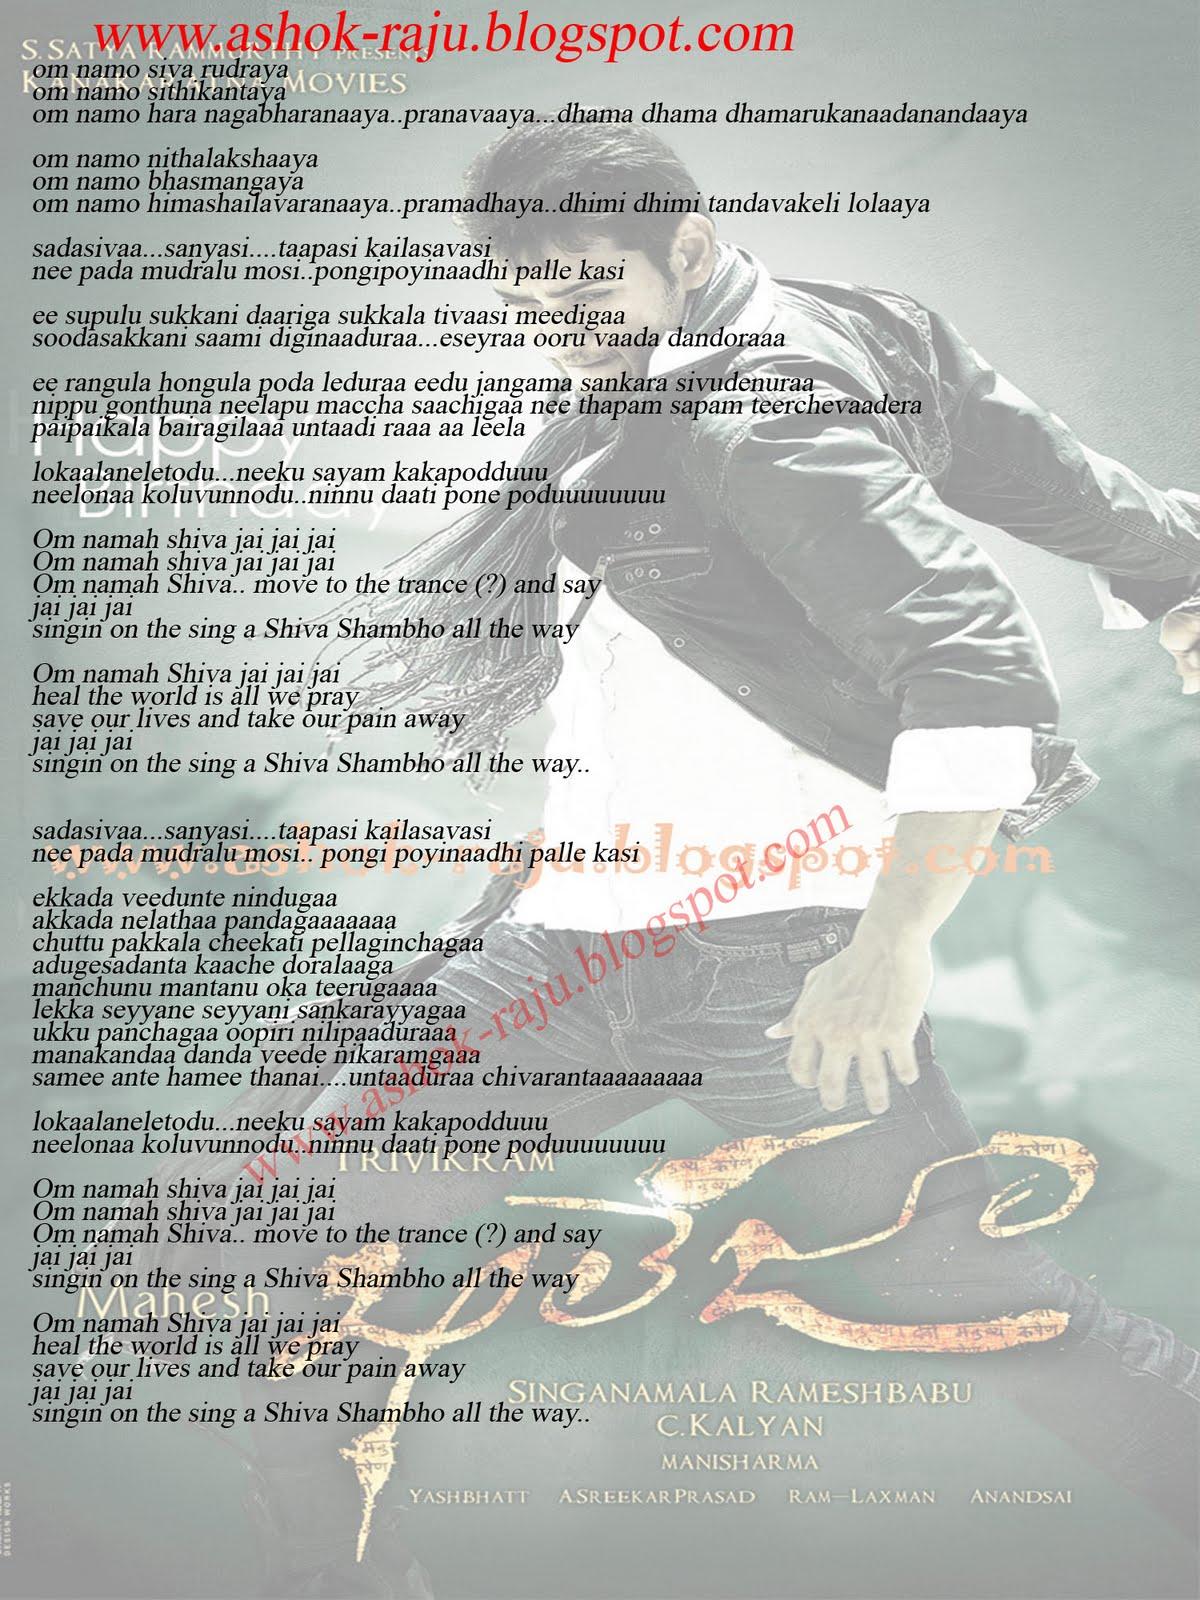 Somos Escenario Wallpaper Fcking Best Song Ever Lyrics